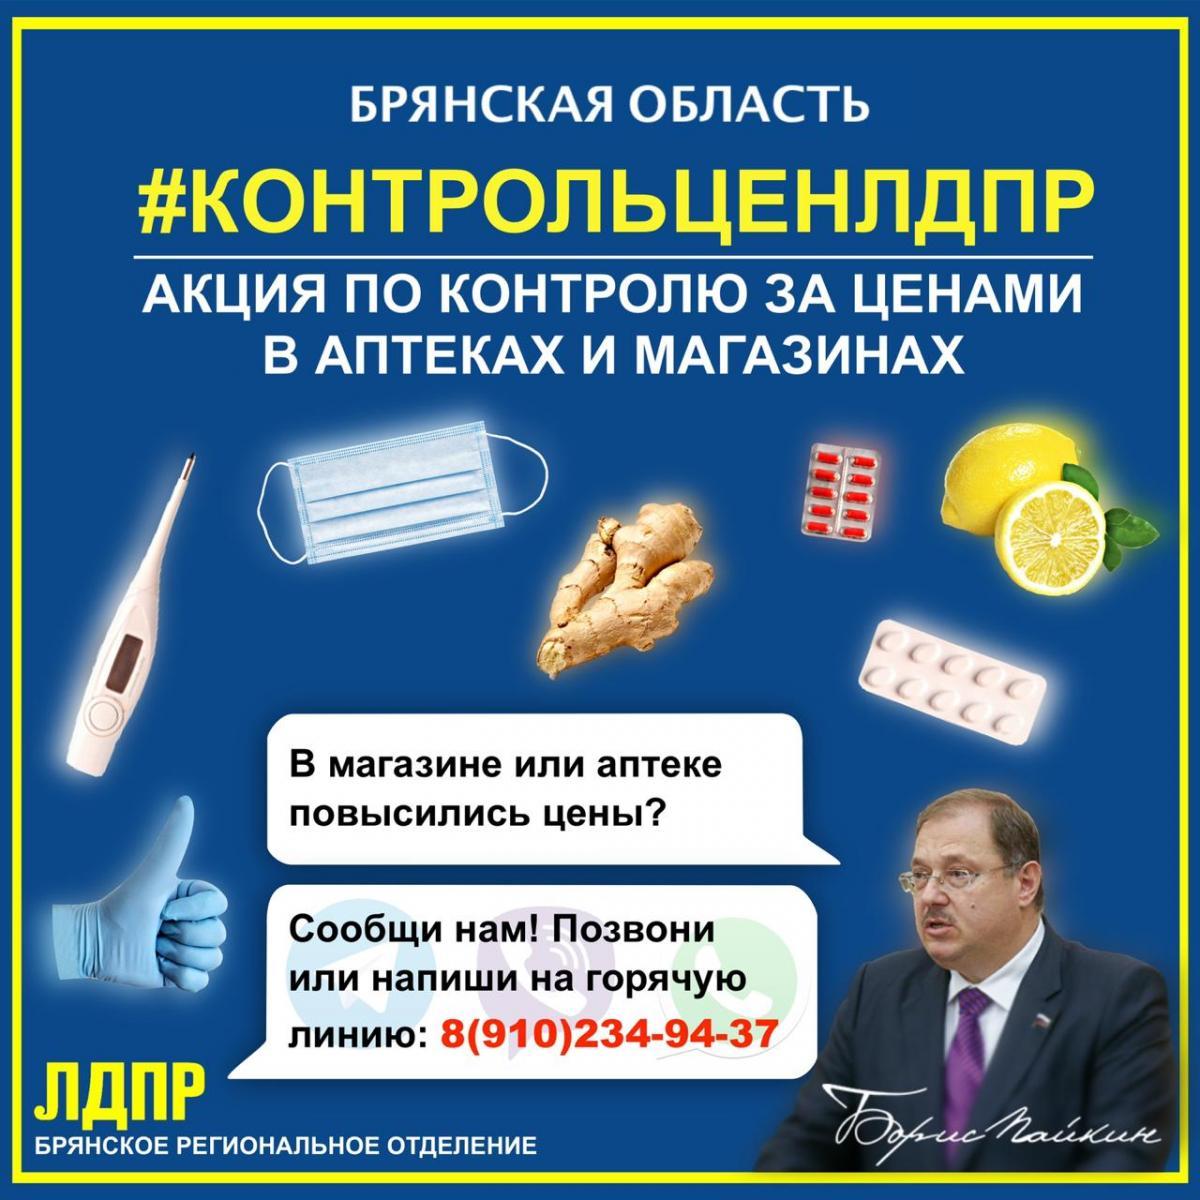 Депутат Пайкин создал горячую линию, куда брянцы могут пожаловаться на завышенные цены